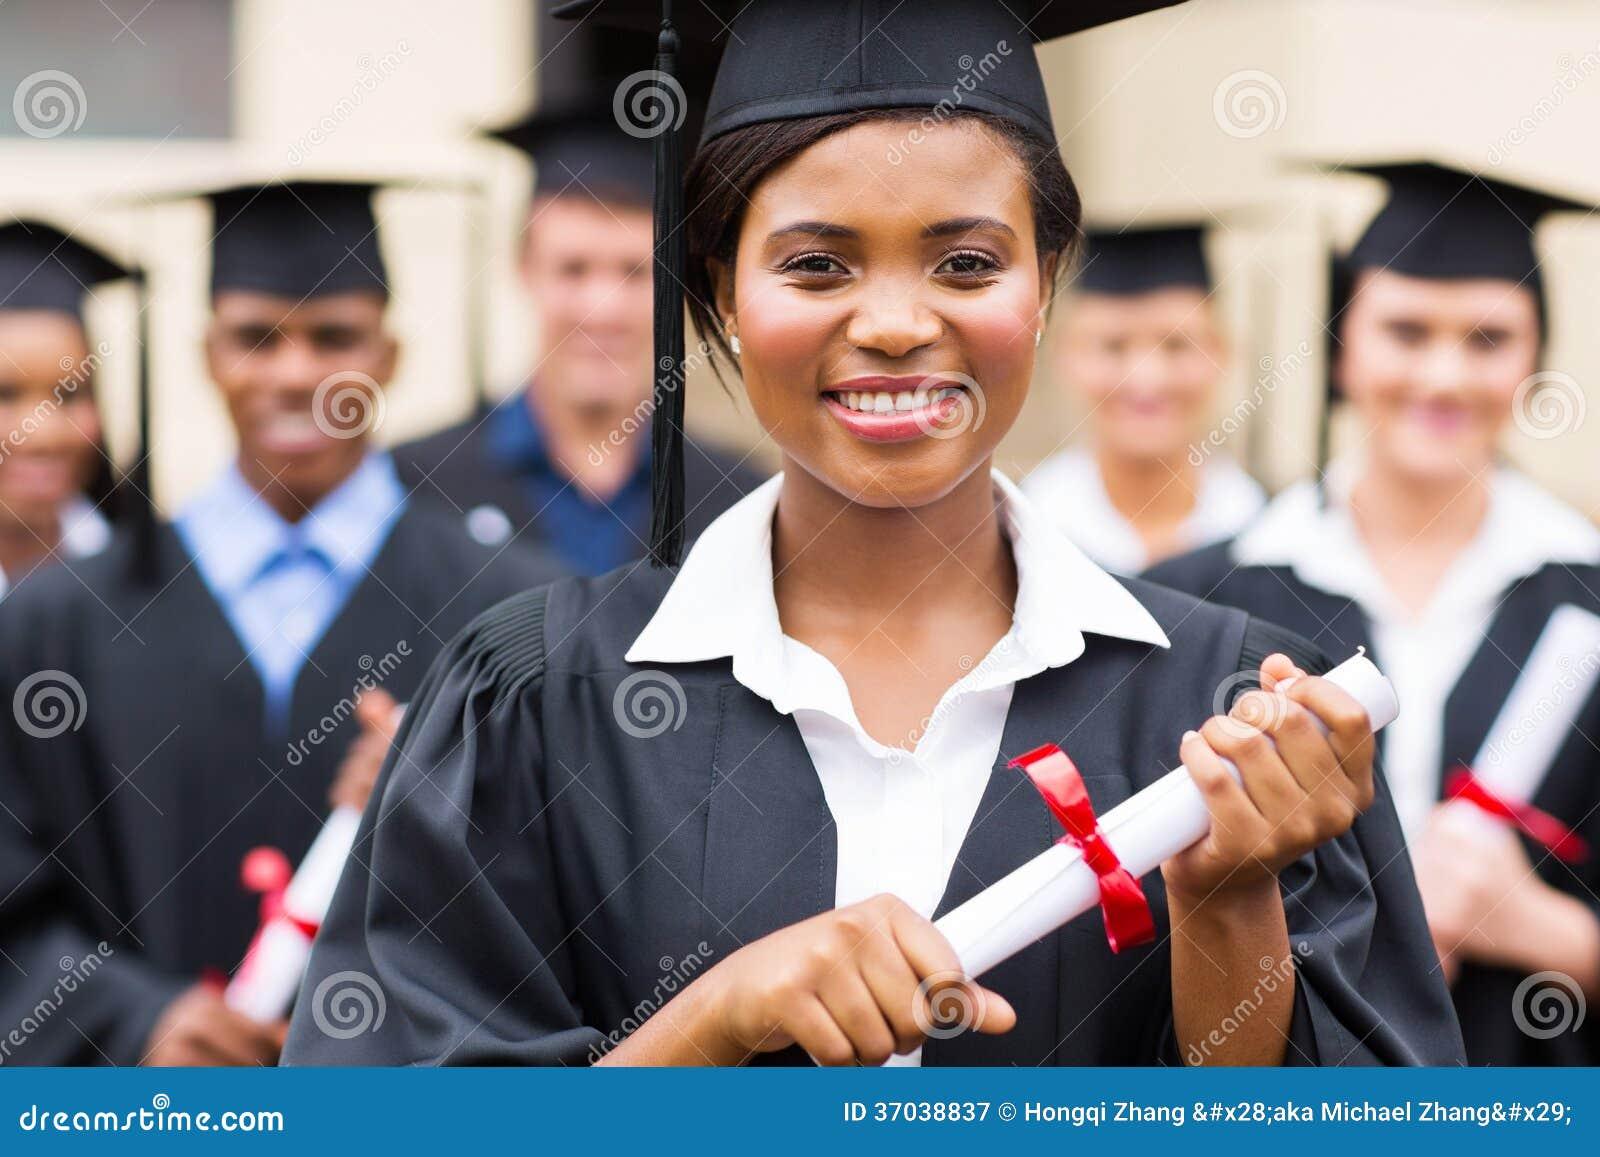 Afrikaanse Amerikaanse gediplomeerde